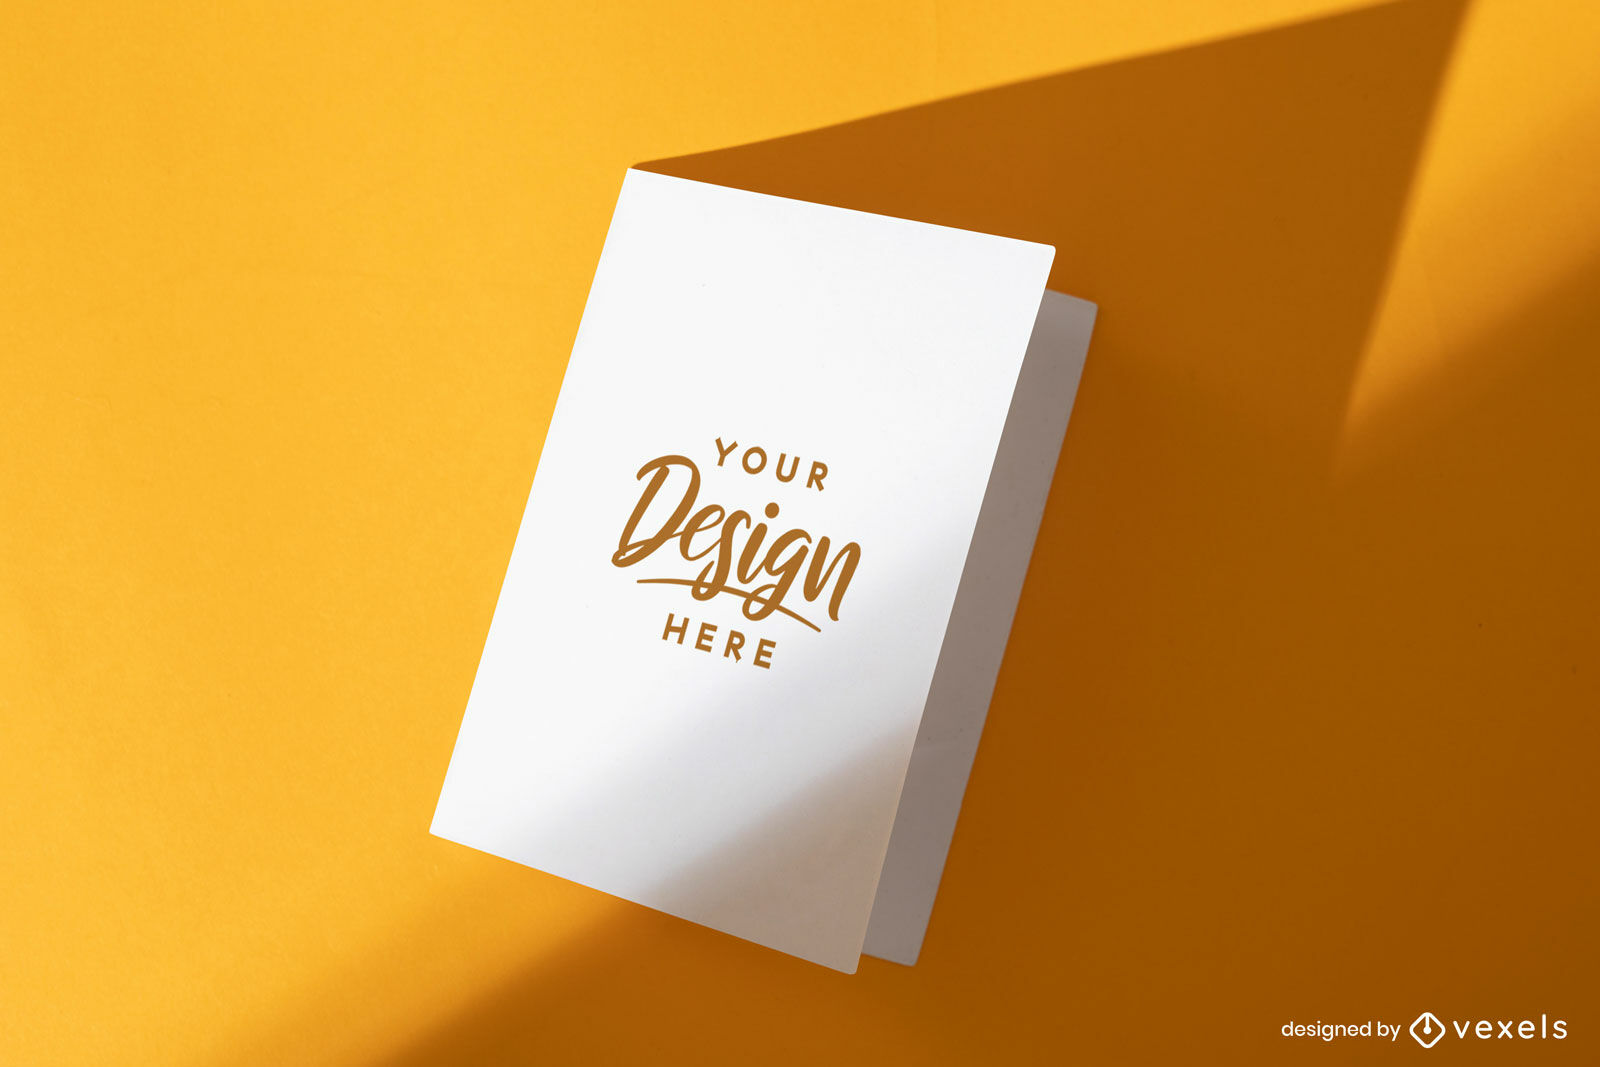 Weiße Grußkarte im orangefarbenen Hintergrundmodell